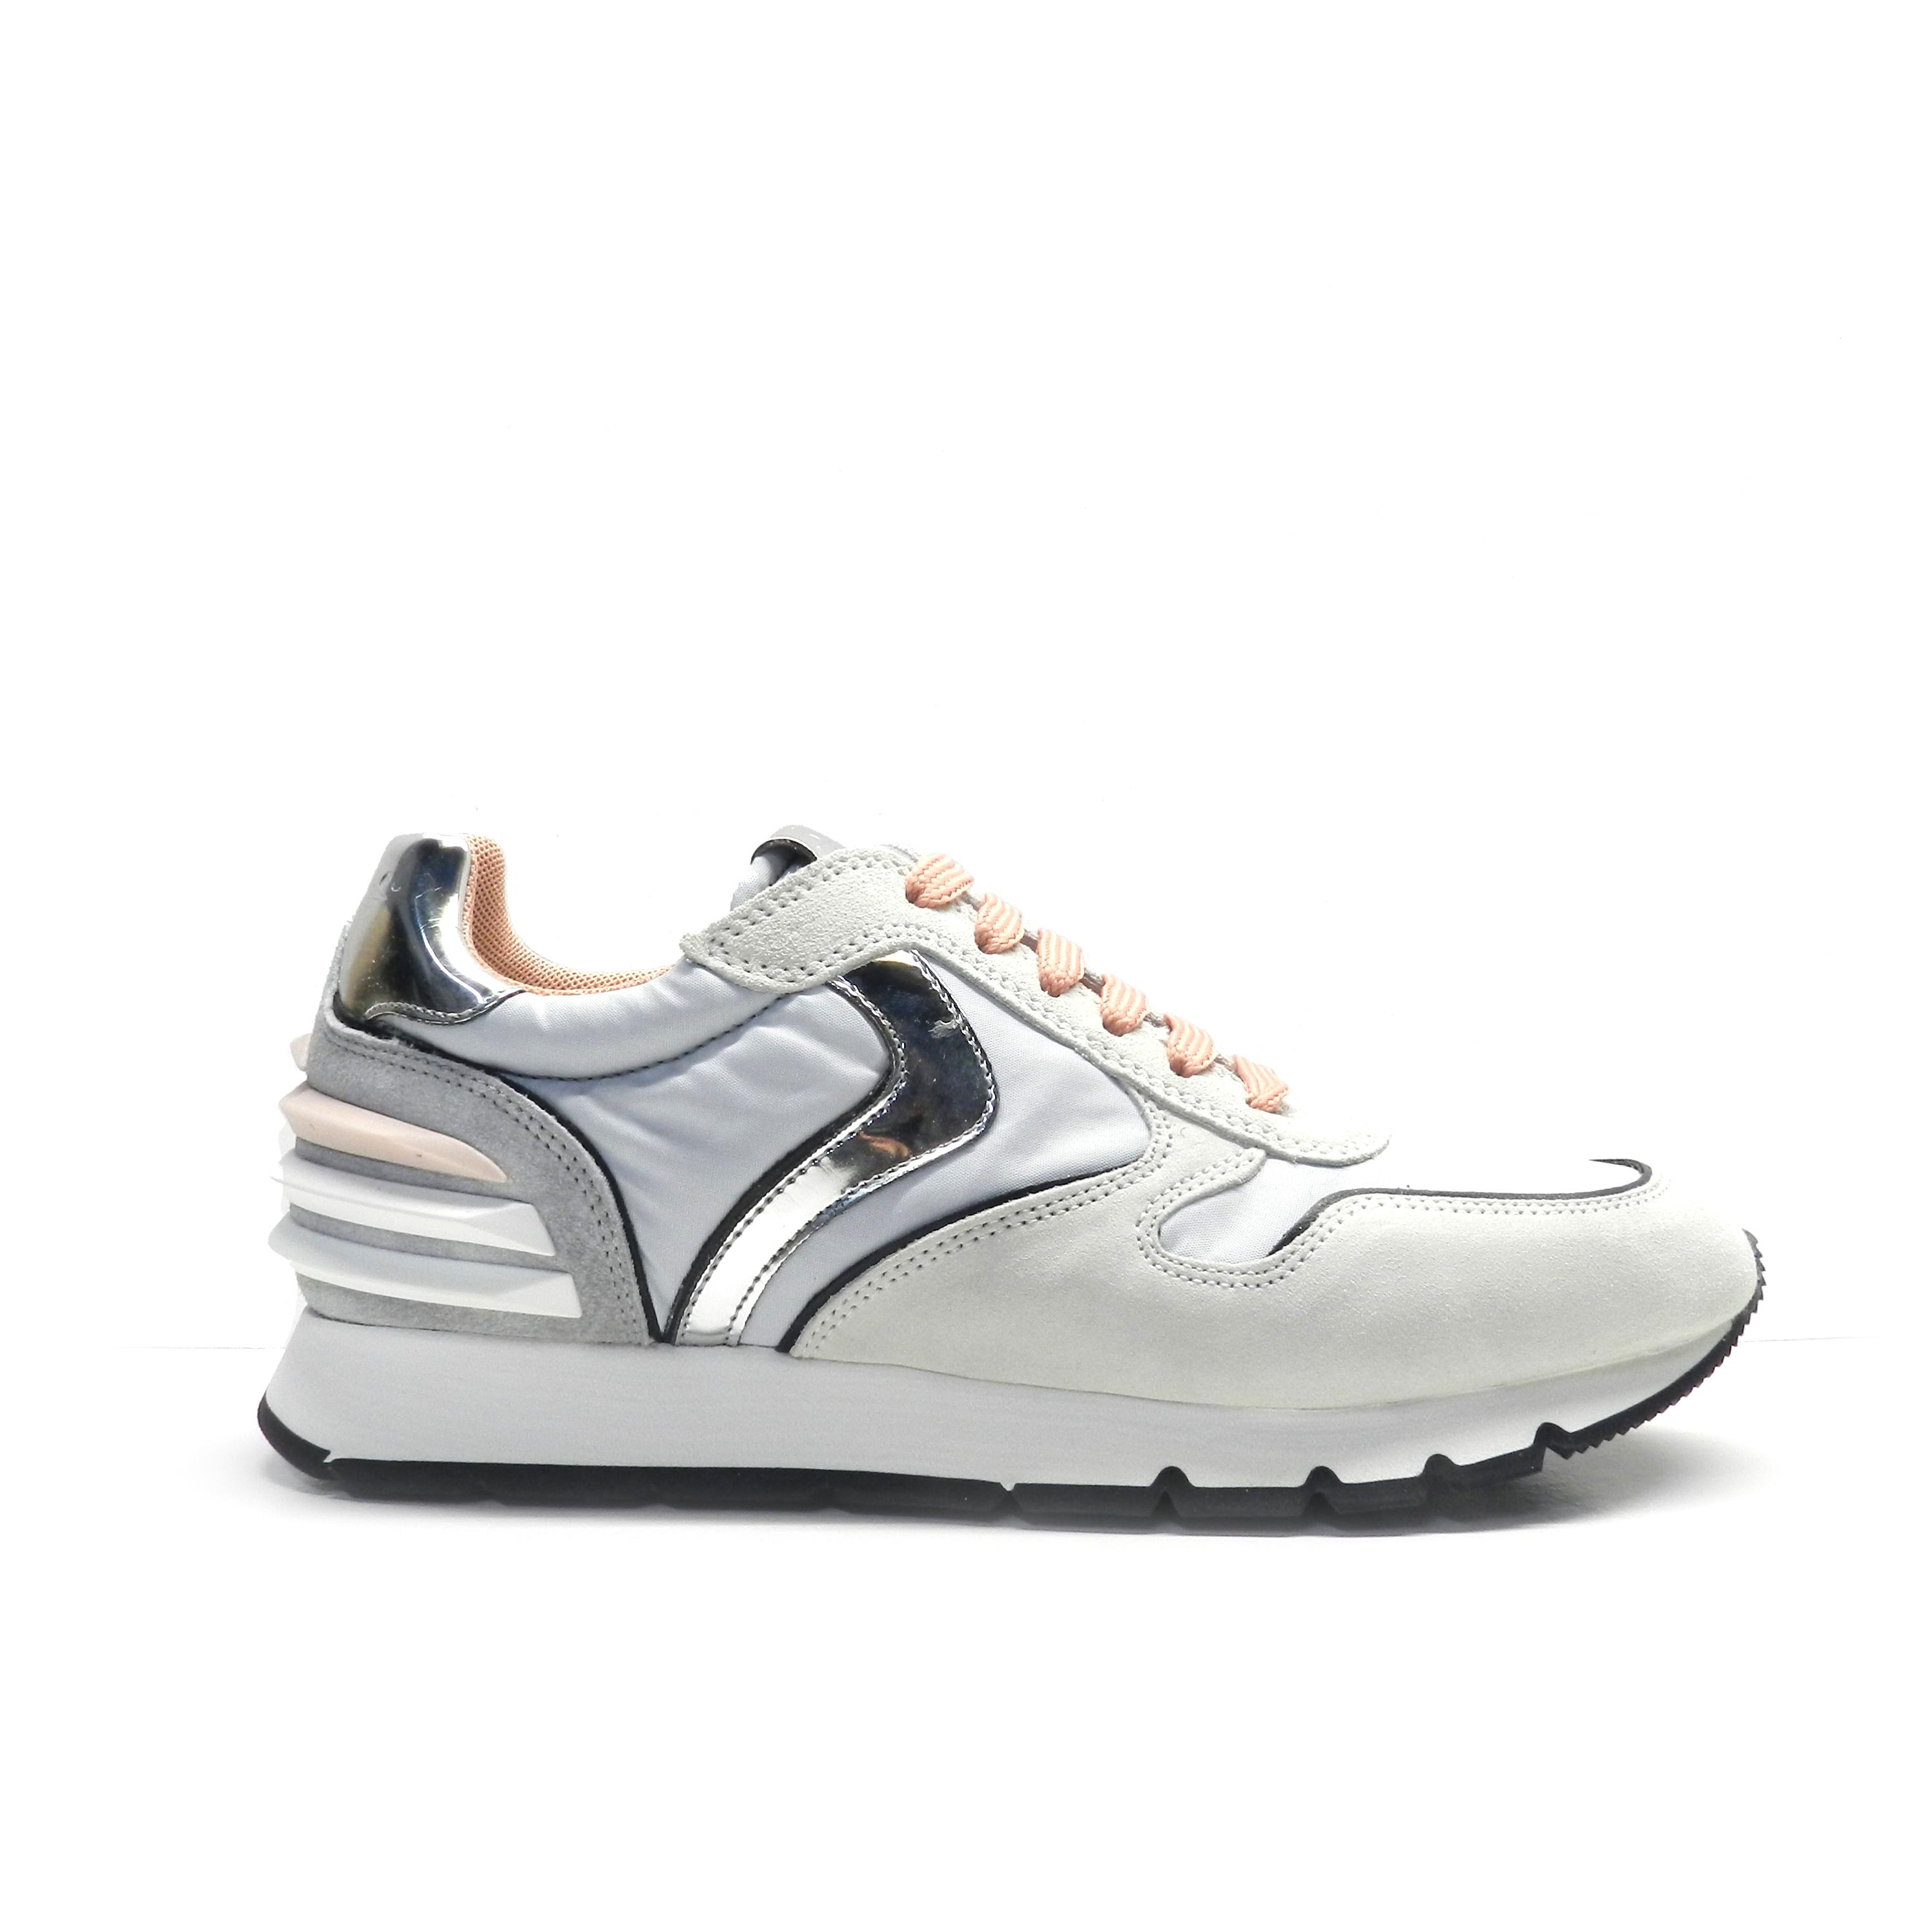 sneakers de cordones combinando colores y diferentes texturas, marca Voile Blanche.